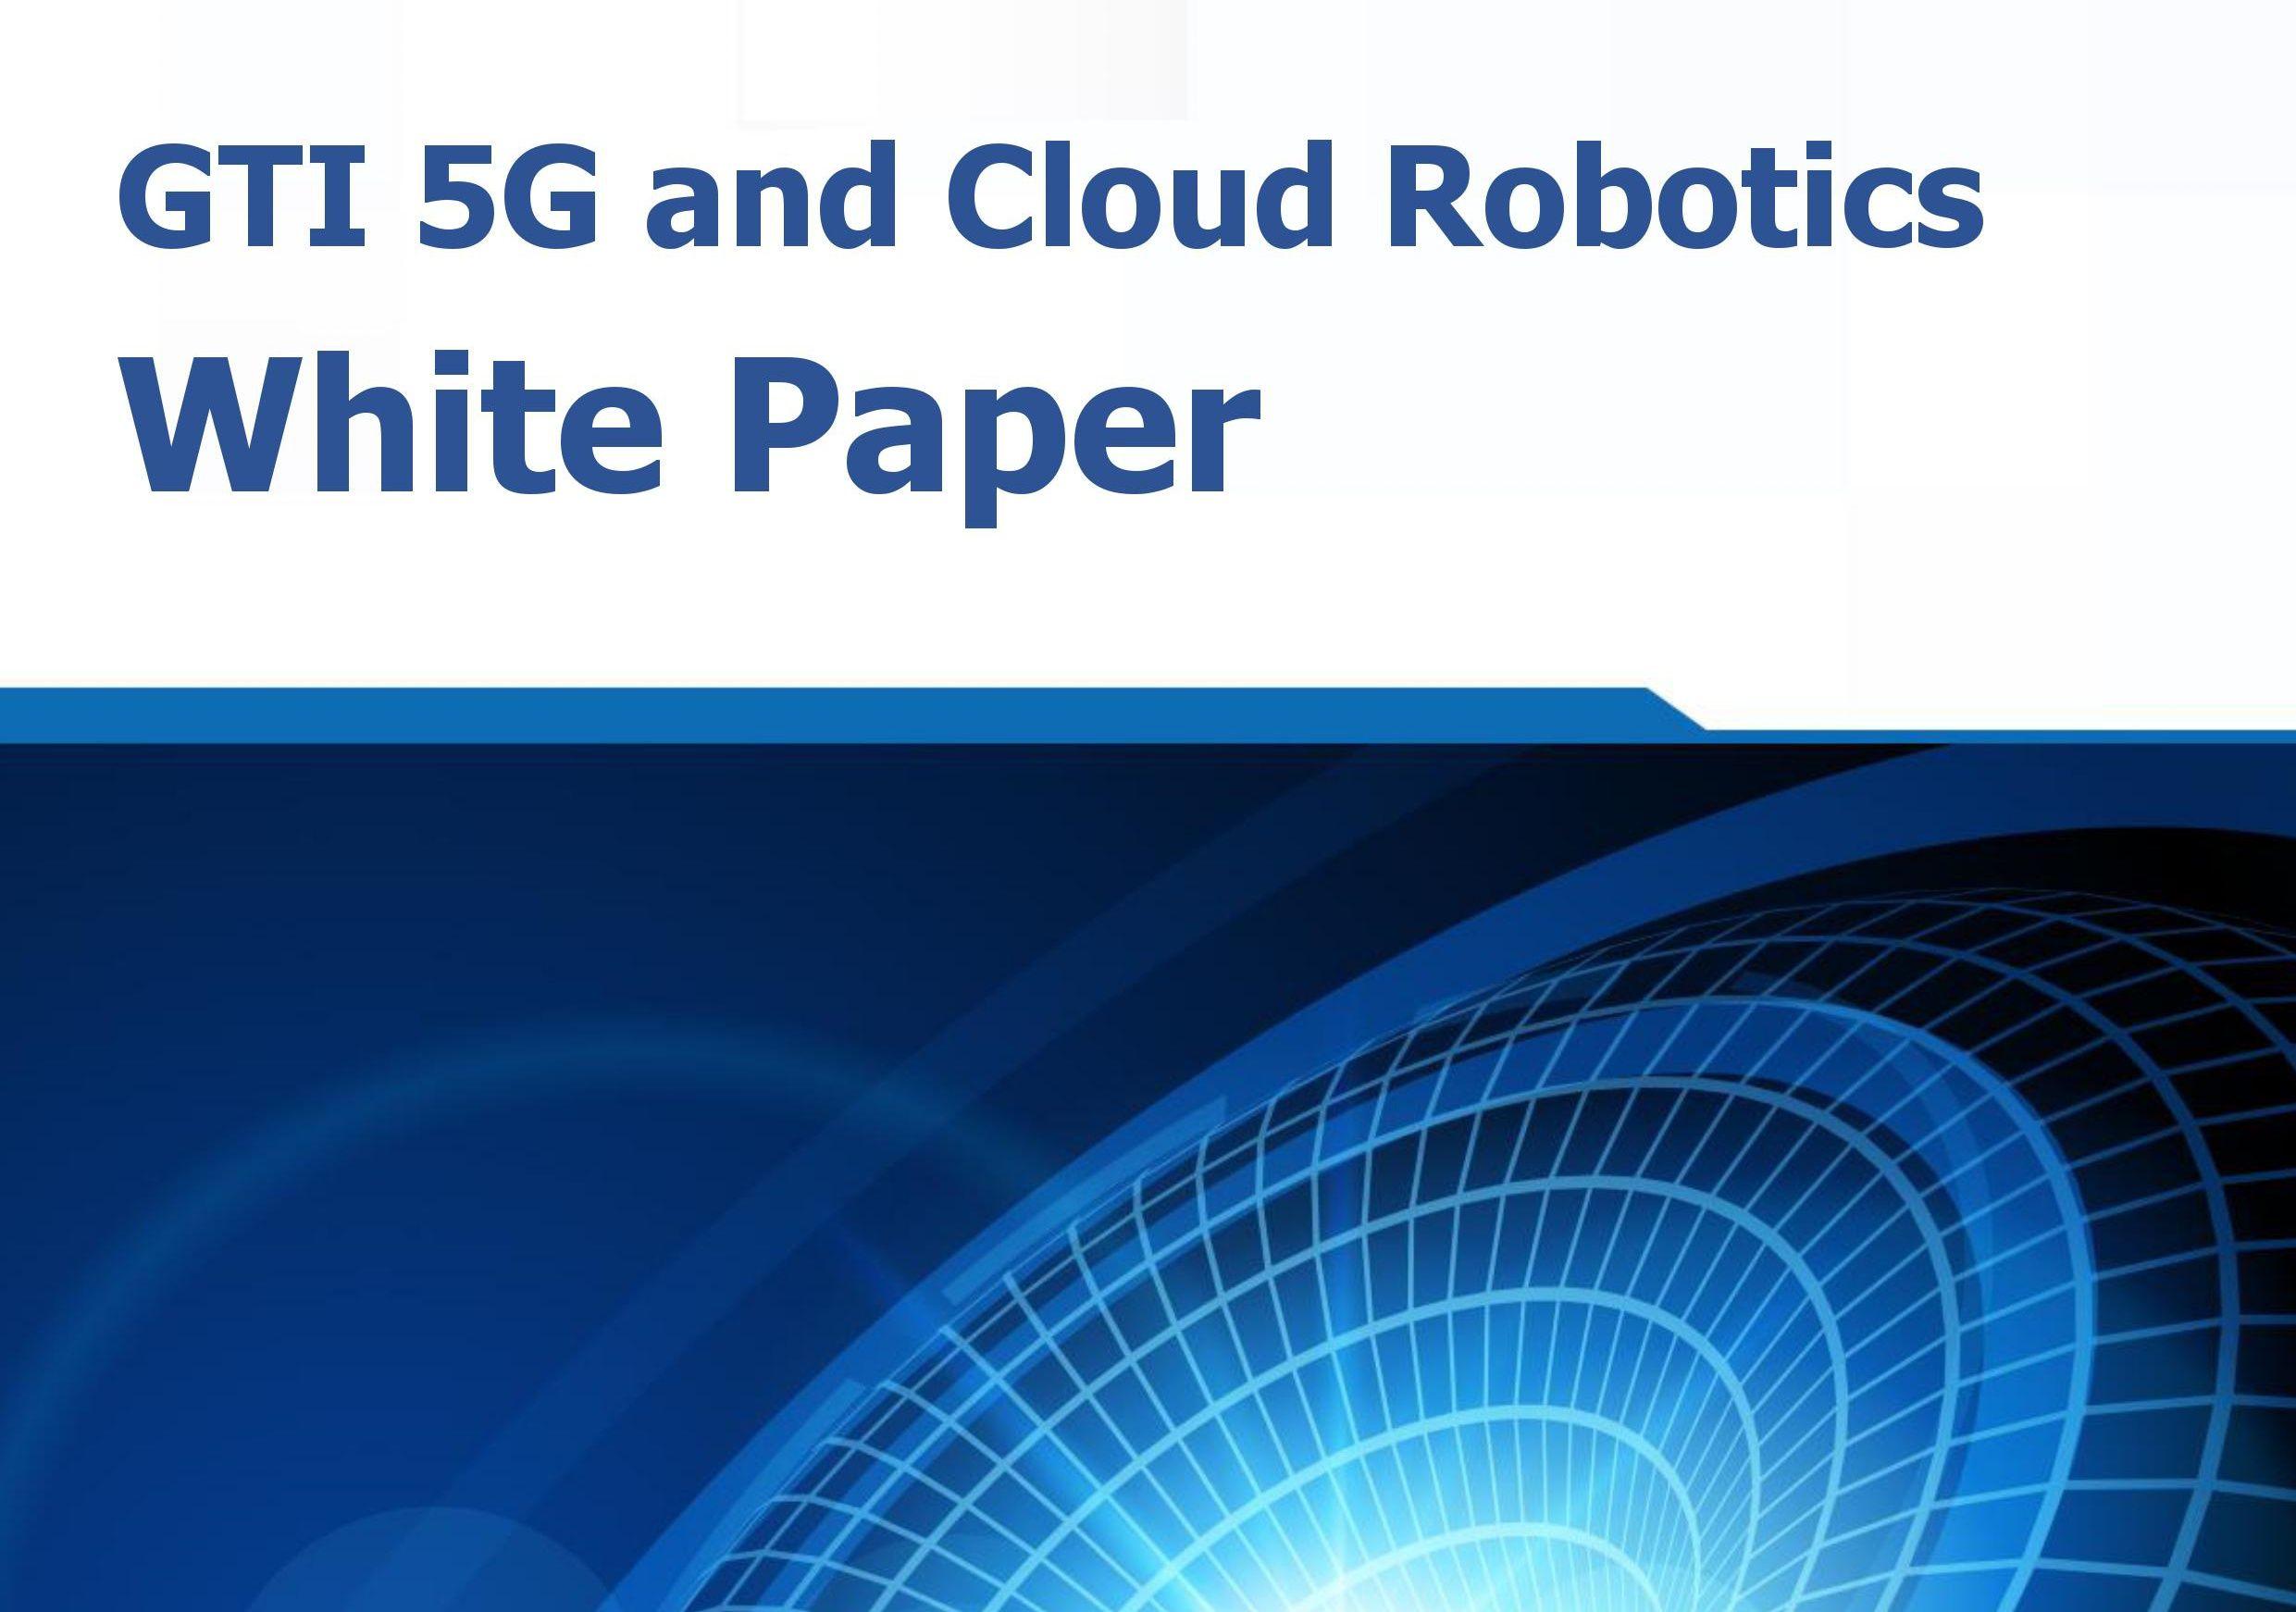 华为:gti 5g和云化机器人白皮书(内附完整下载)